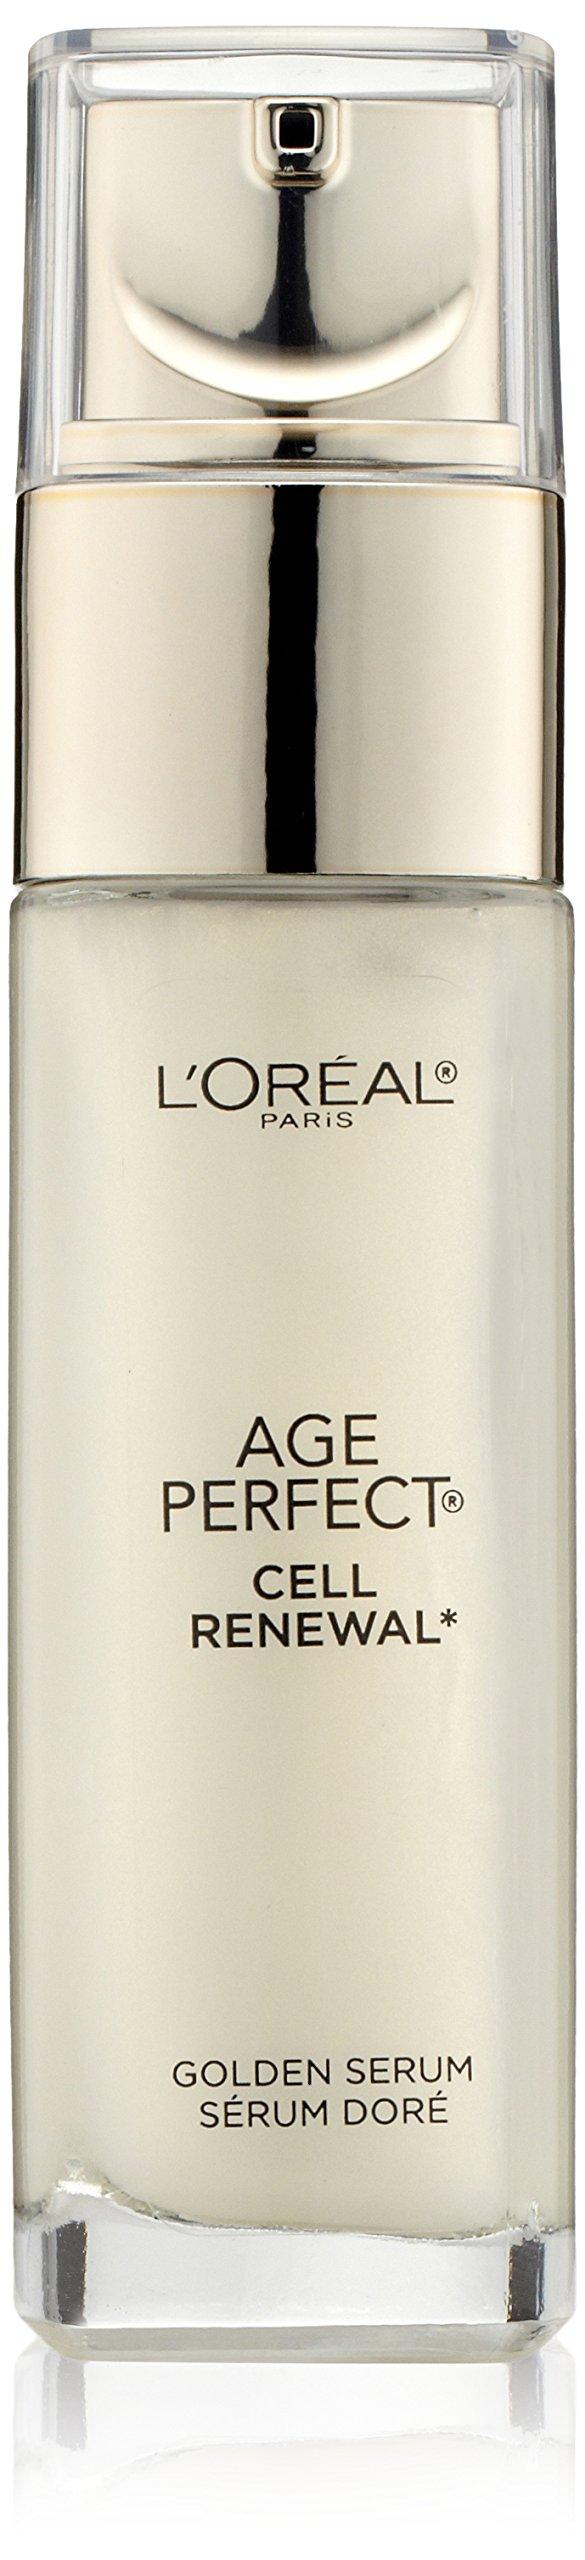 L'Oréal Paris Age Perfect Cell Renewal Golden Face Serum, 1 fl. oz. by L'Oreal Paris